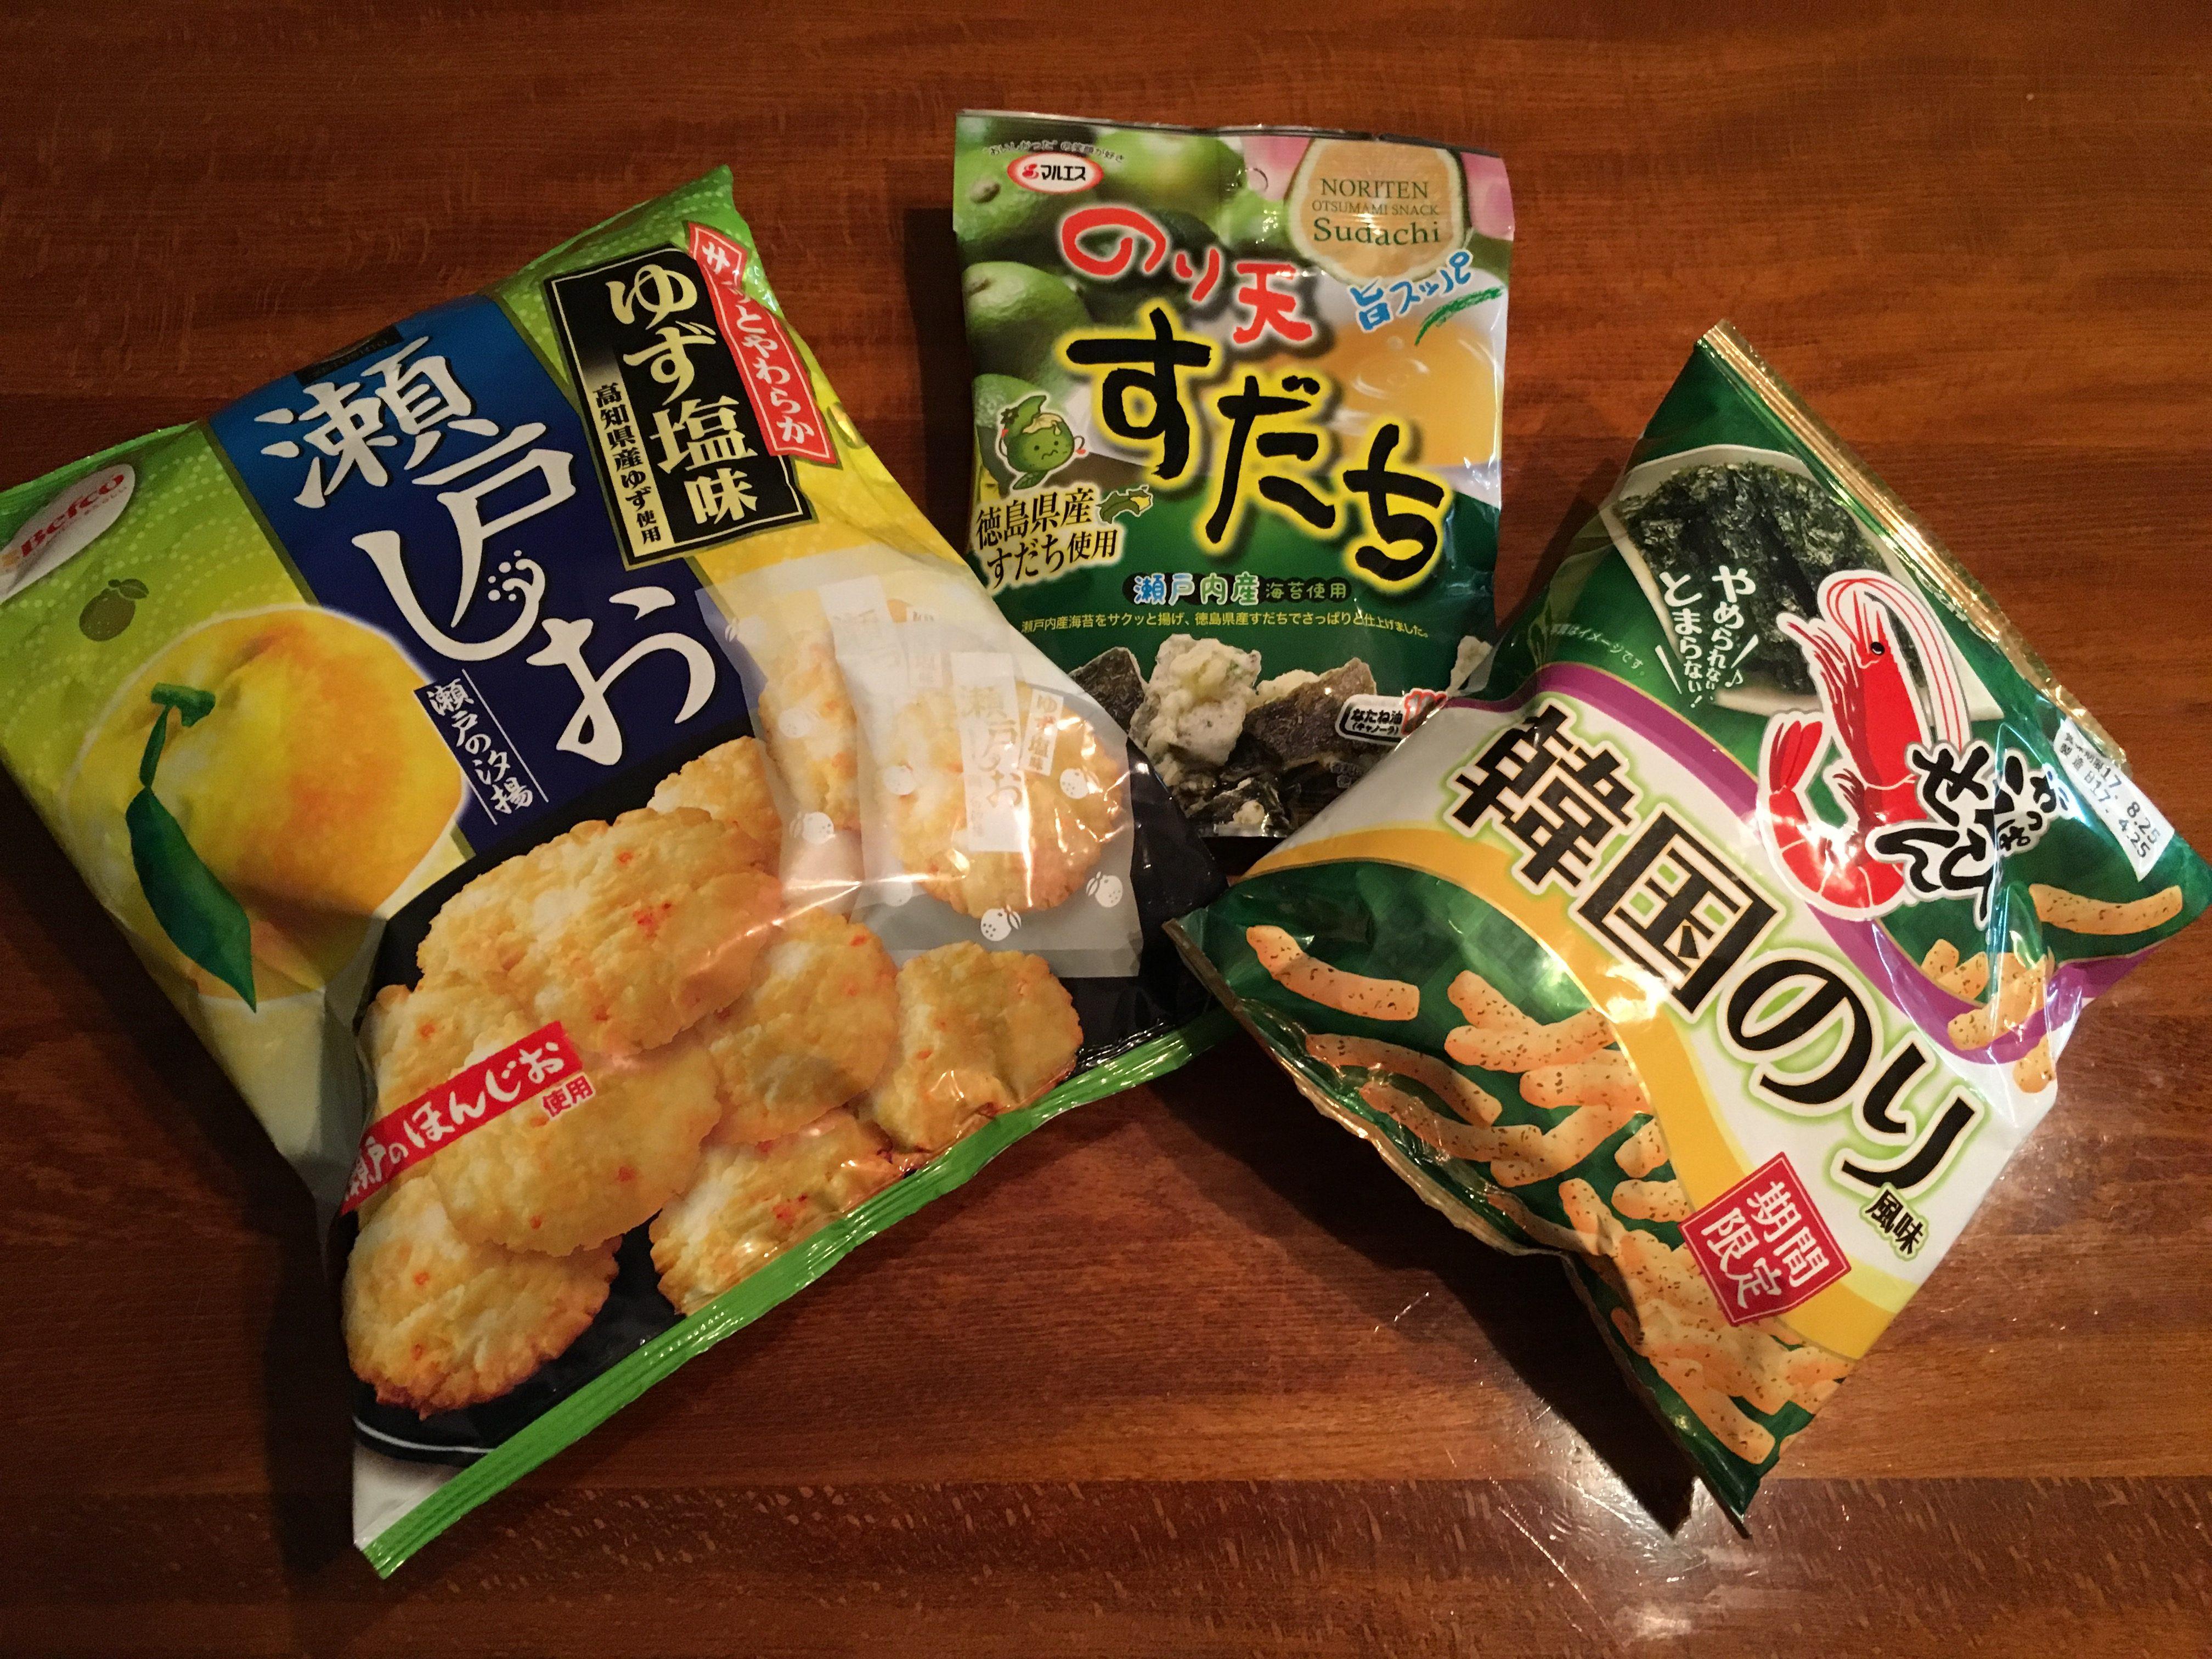 ビールのお供に最適なおすすめの海鮮味スナック菓子3選を食べ比べ!